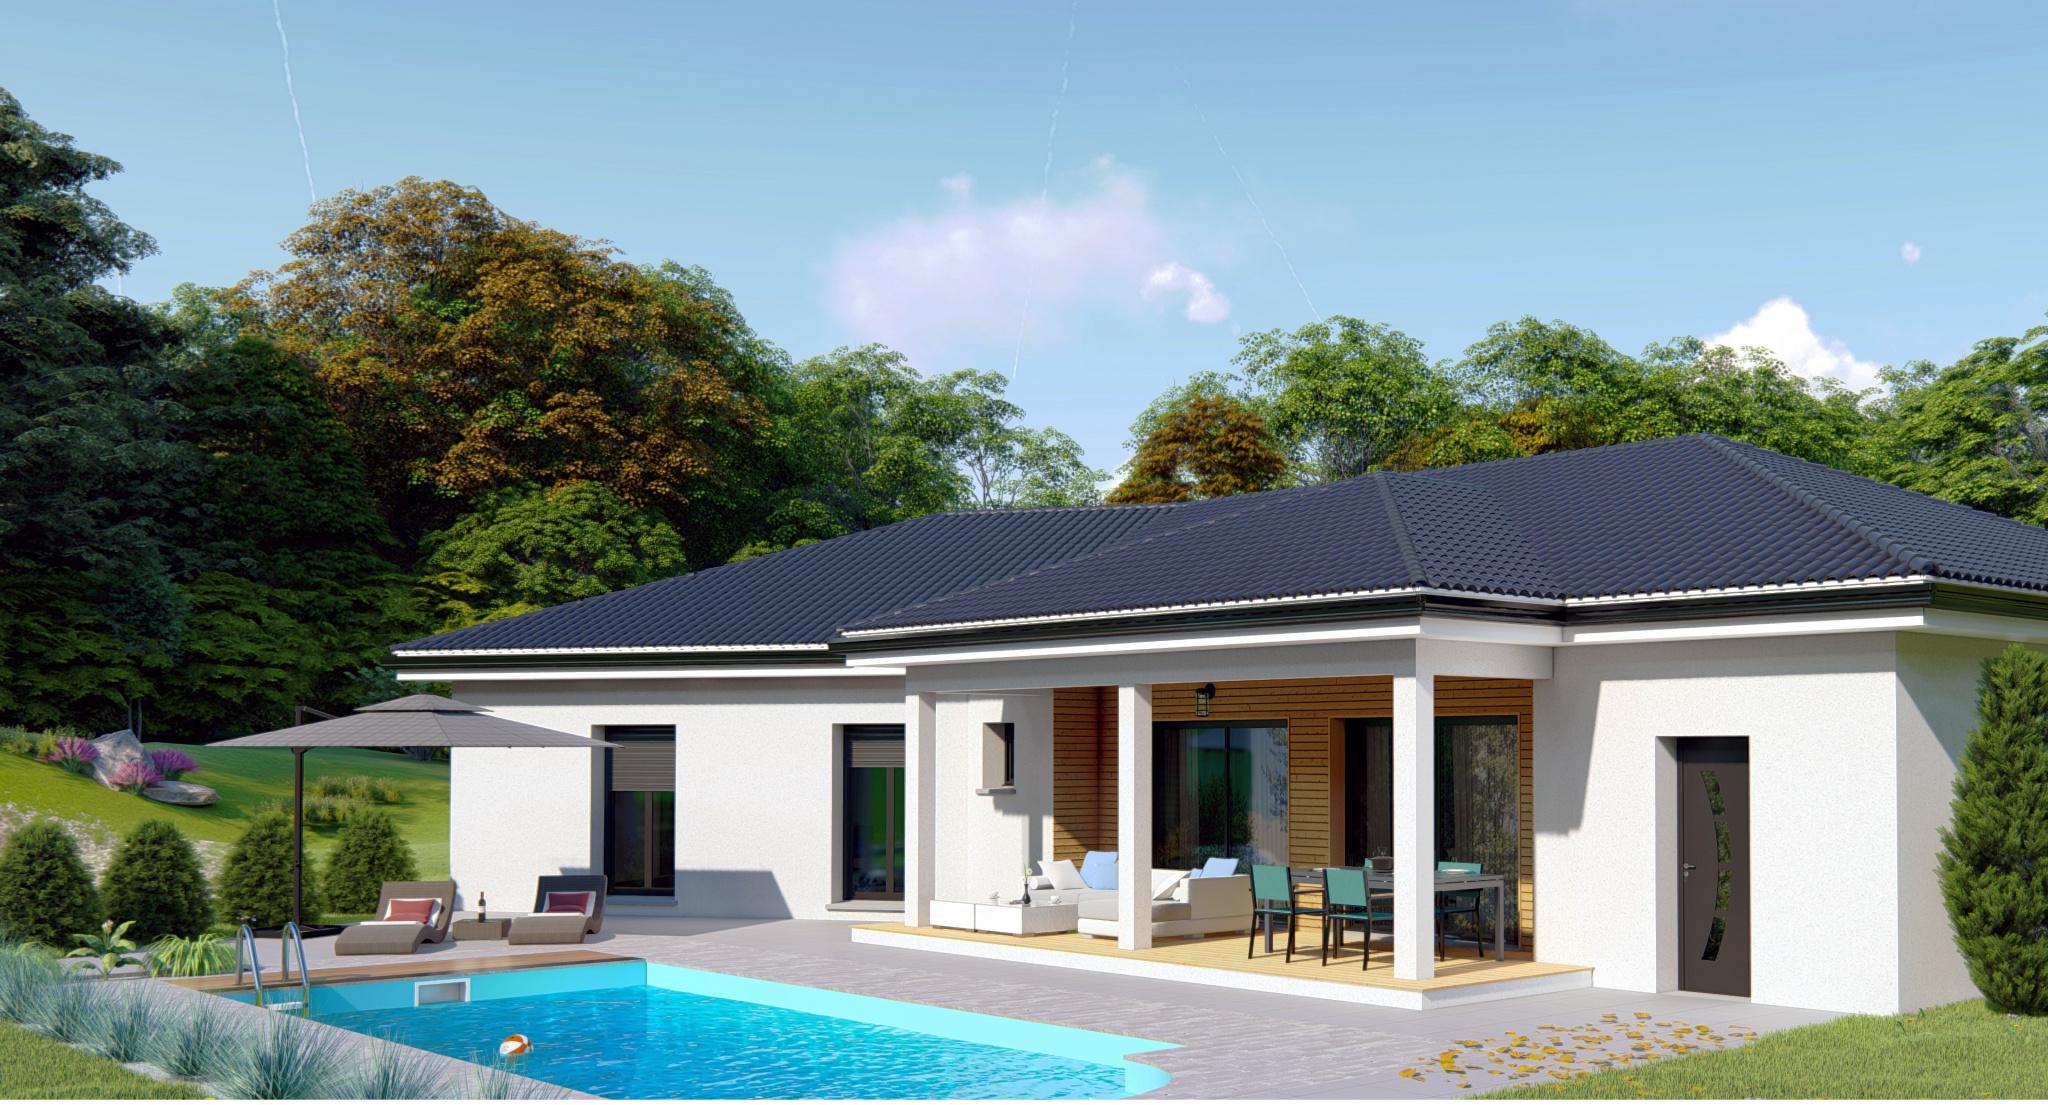 Vente maison belley 01300 sur le partenaire for Simulation pret foncier